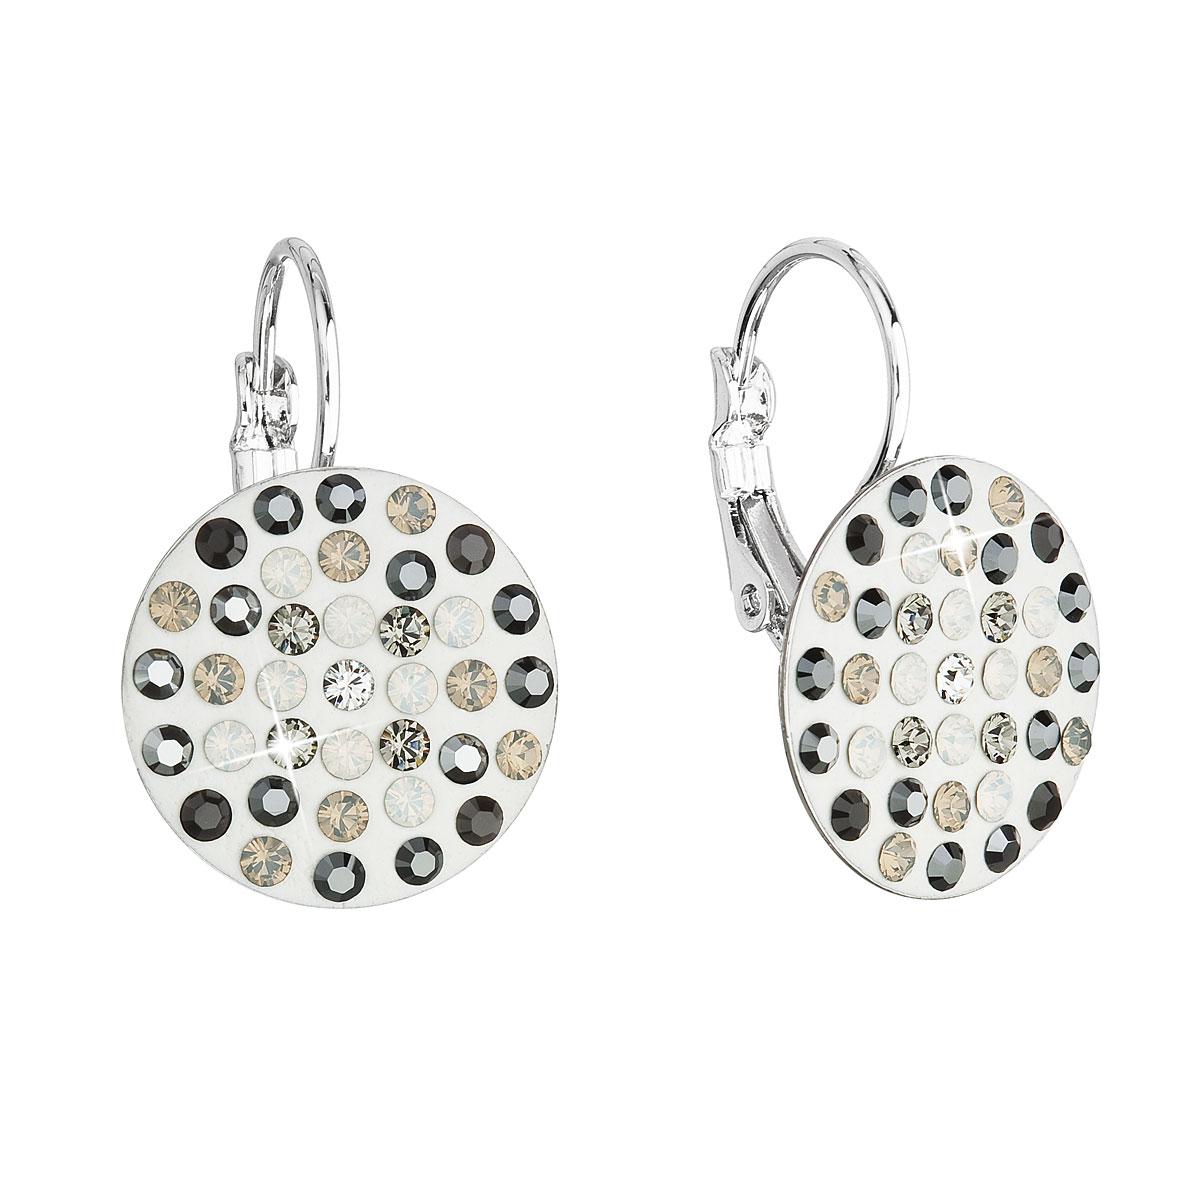 Náušnice bižuterie se Swarovski krystaly šedé kulaté 51033.3